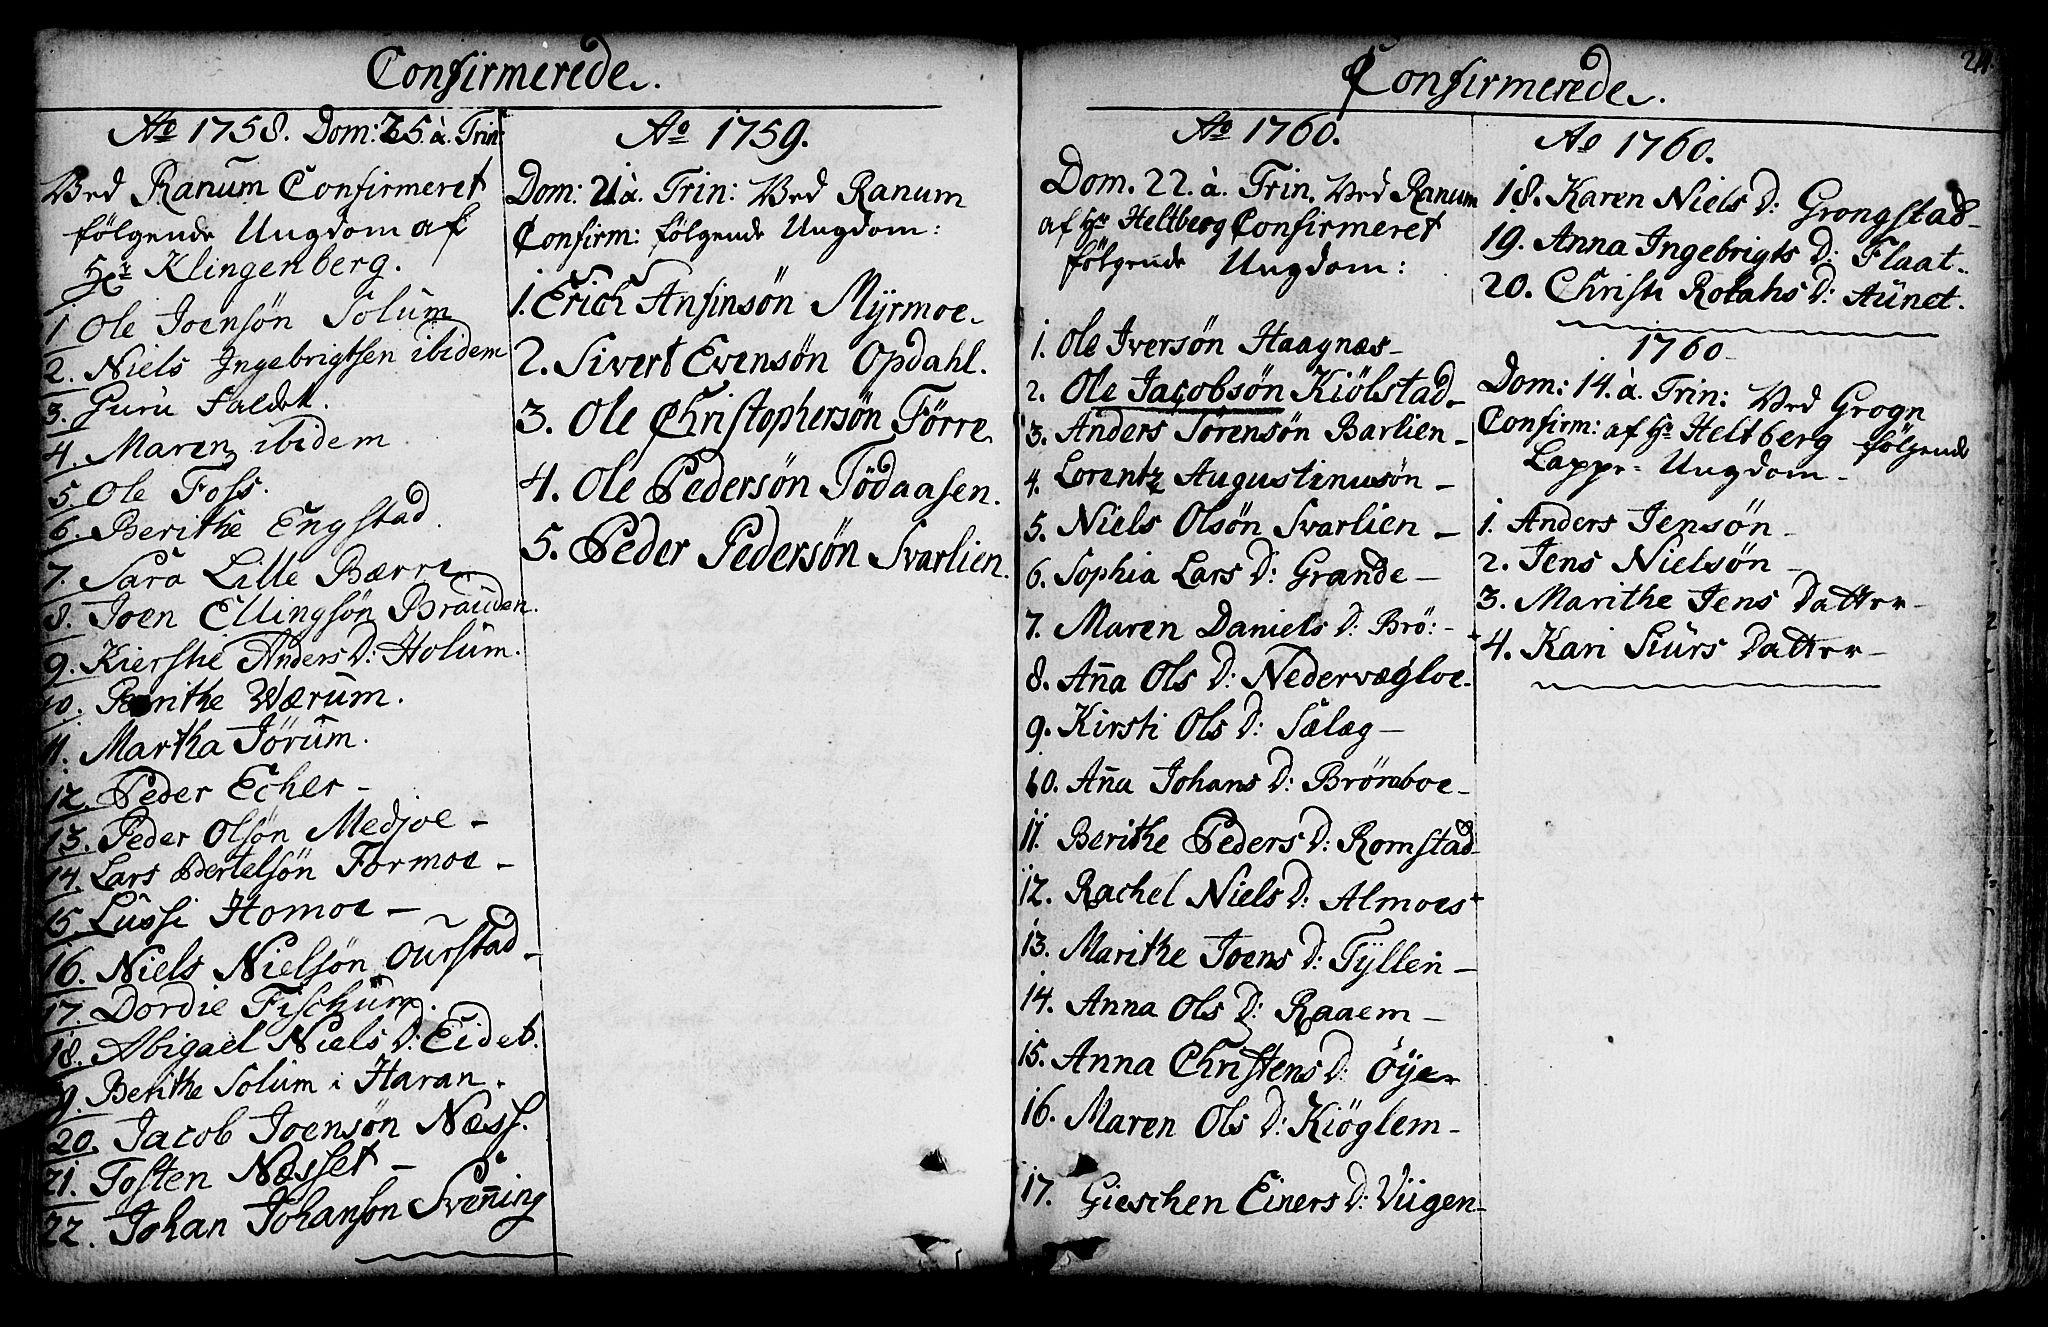 SAT, Ministerialprotokoller, klokkerbøker og fødselsregistre - Nord-Trøndelag, 764/L0542: Ministerialbok nr. 764A02, 1748-1779, s. 214